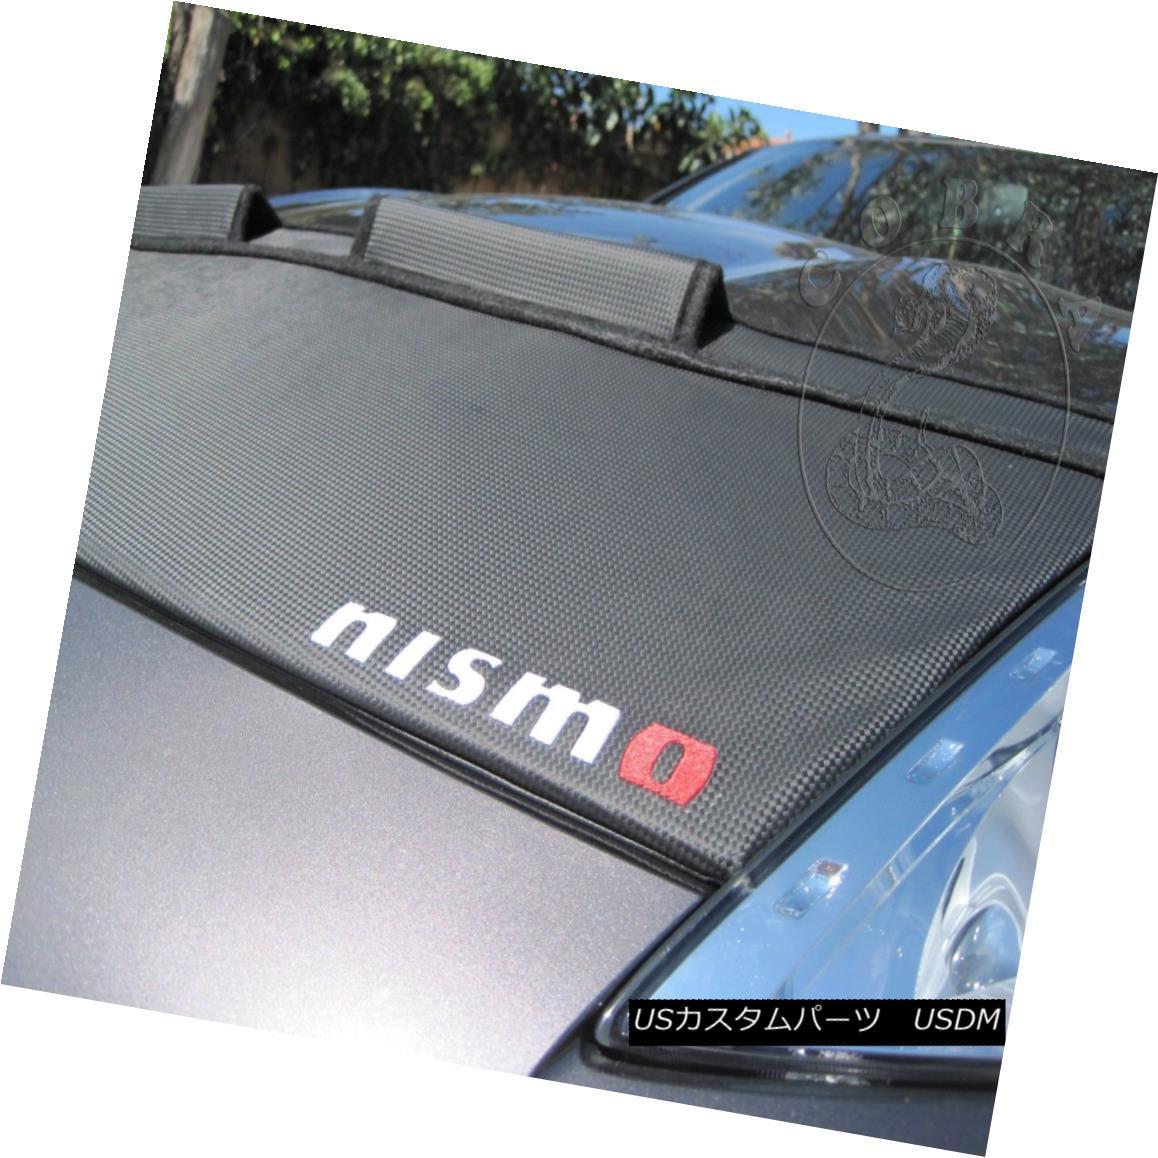 フルブラ ノーズブラ Car Hood Bonnet Bra Fits Nissan 370Z 2009 10 11 12 13 14 15 16 CARBON + NISMO Car Hoodボンネットブラは日産370Zにフィット10 11 12 13 14 15 16 CARBON + NISMO